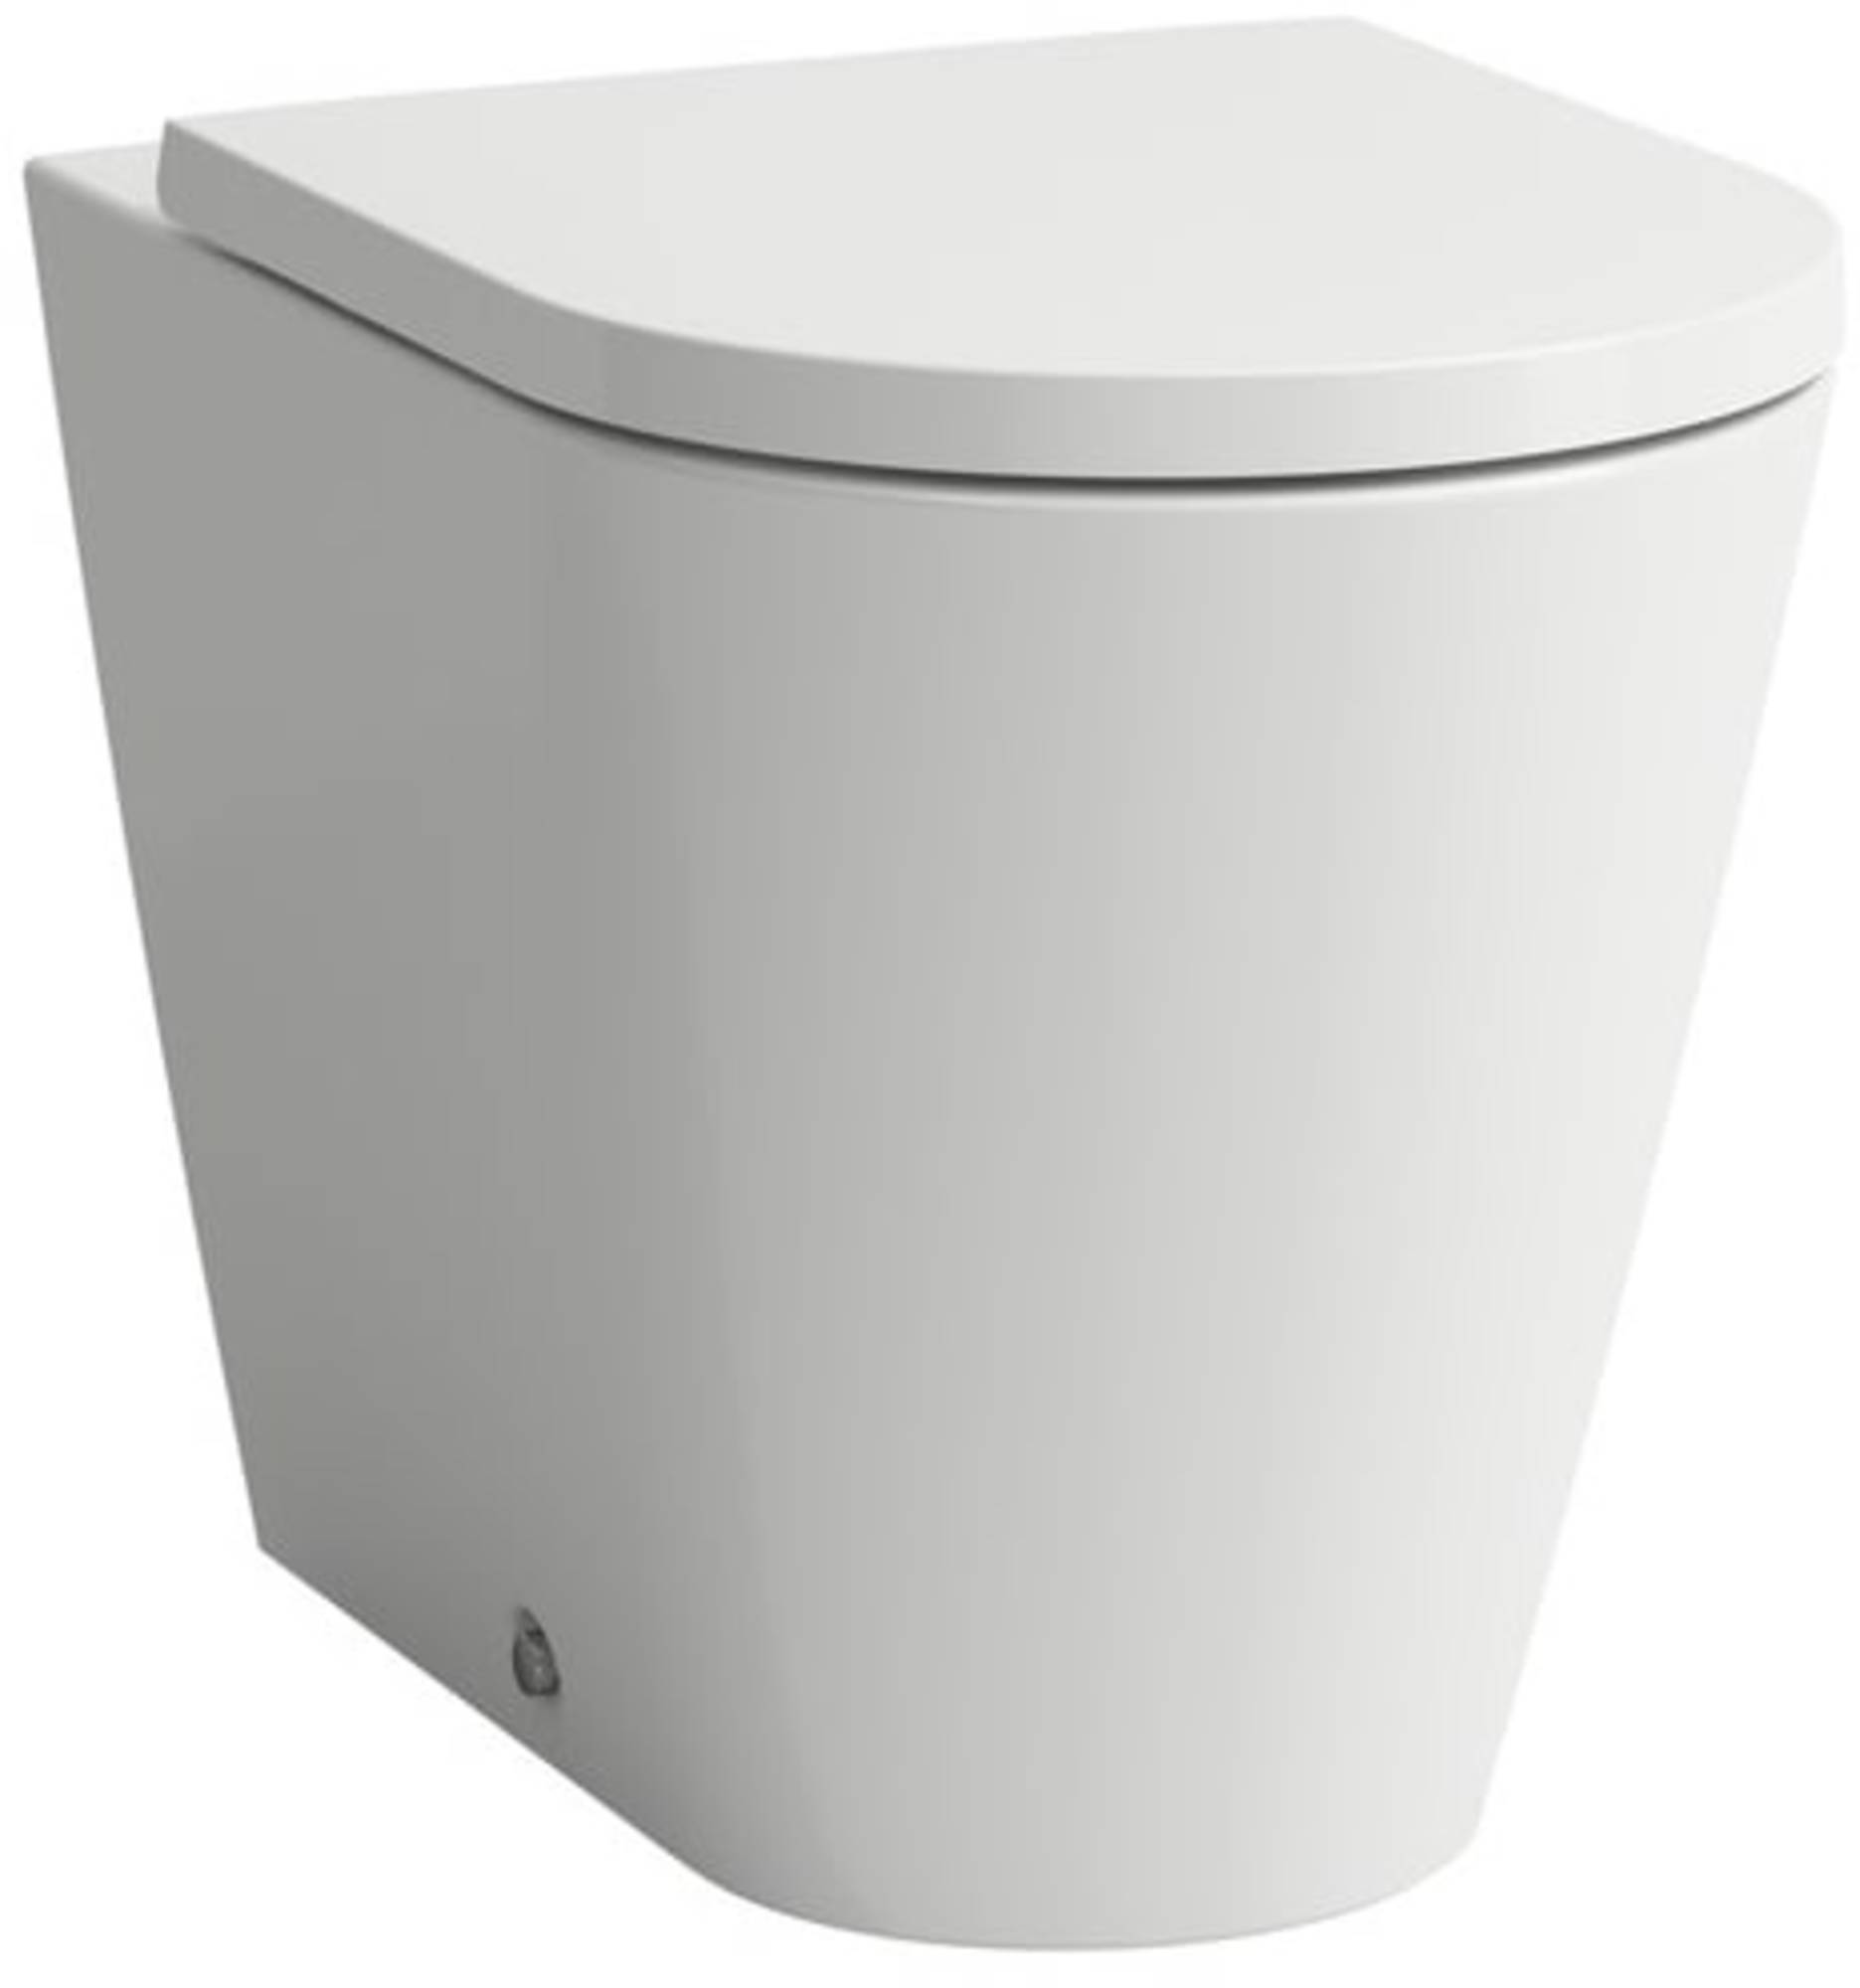 Laufen Kartell by Laufen staand closet wit 8233310000001